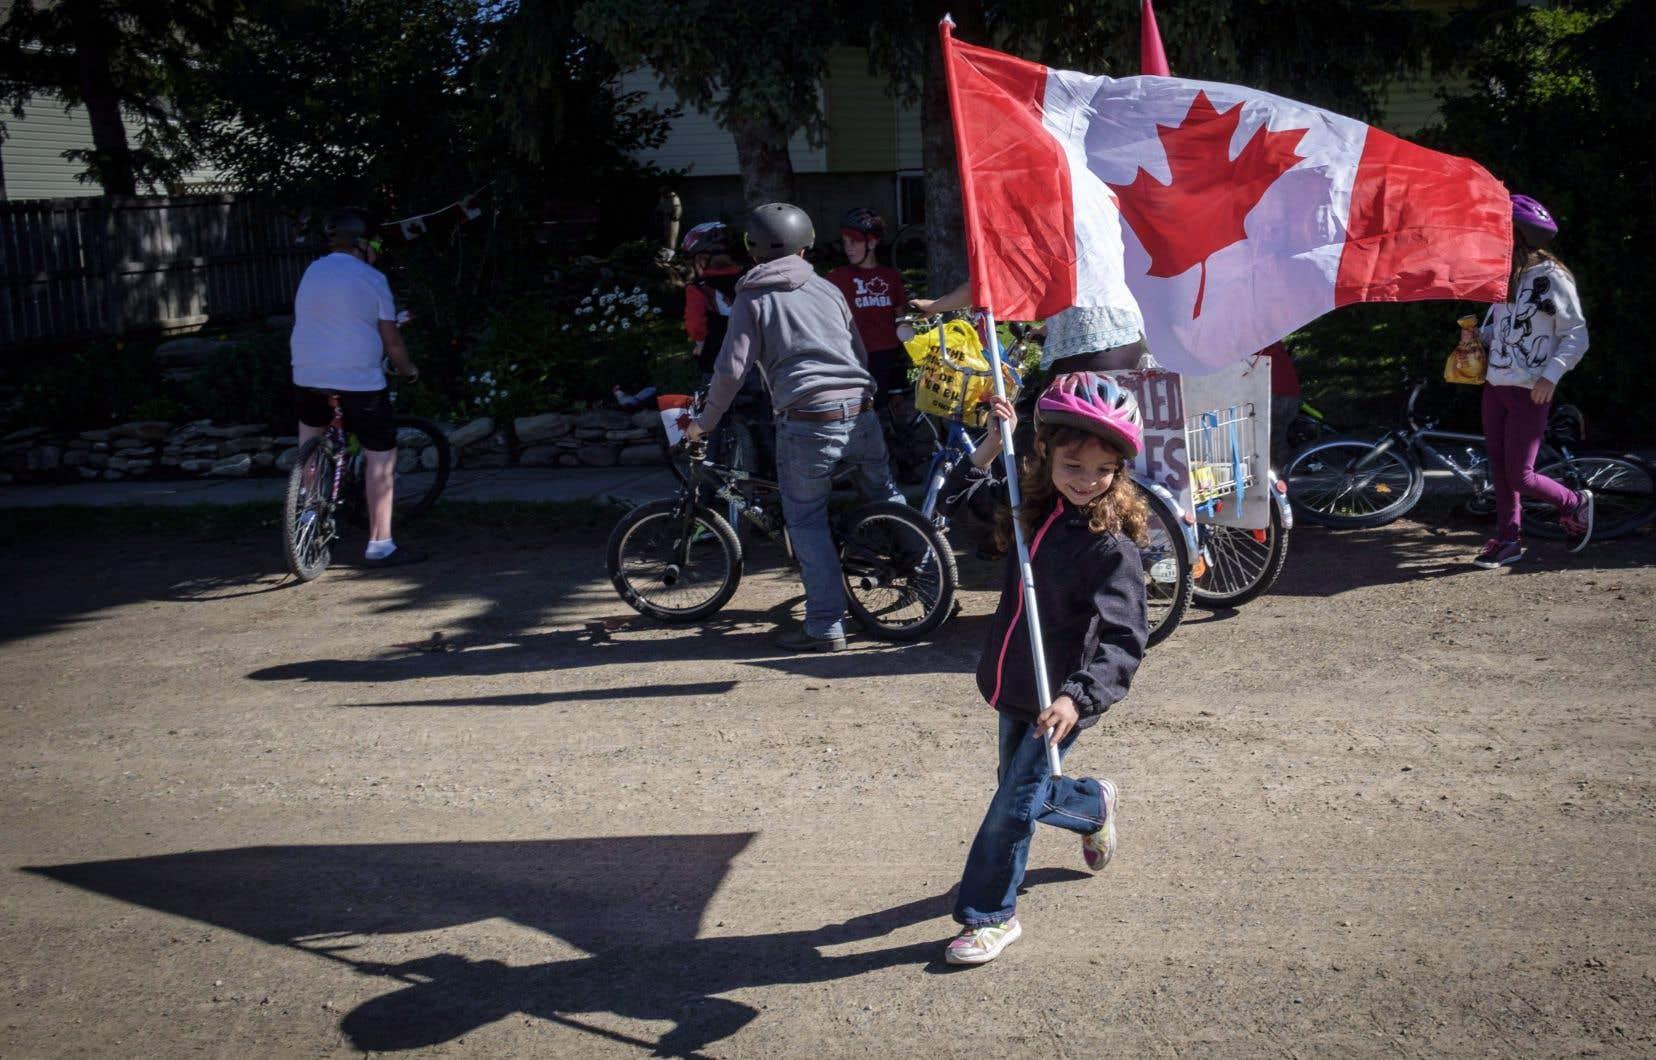 Le Canada est peut-être le premier État postnational dans l'esprit de Justin Trudeau, mais c'est aussi, par là même, un État à l'identité incertaine.